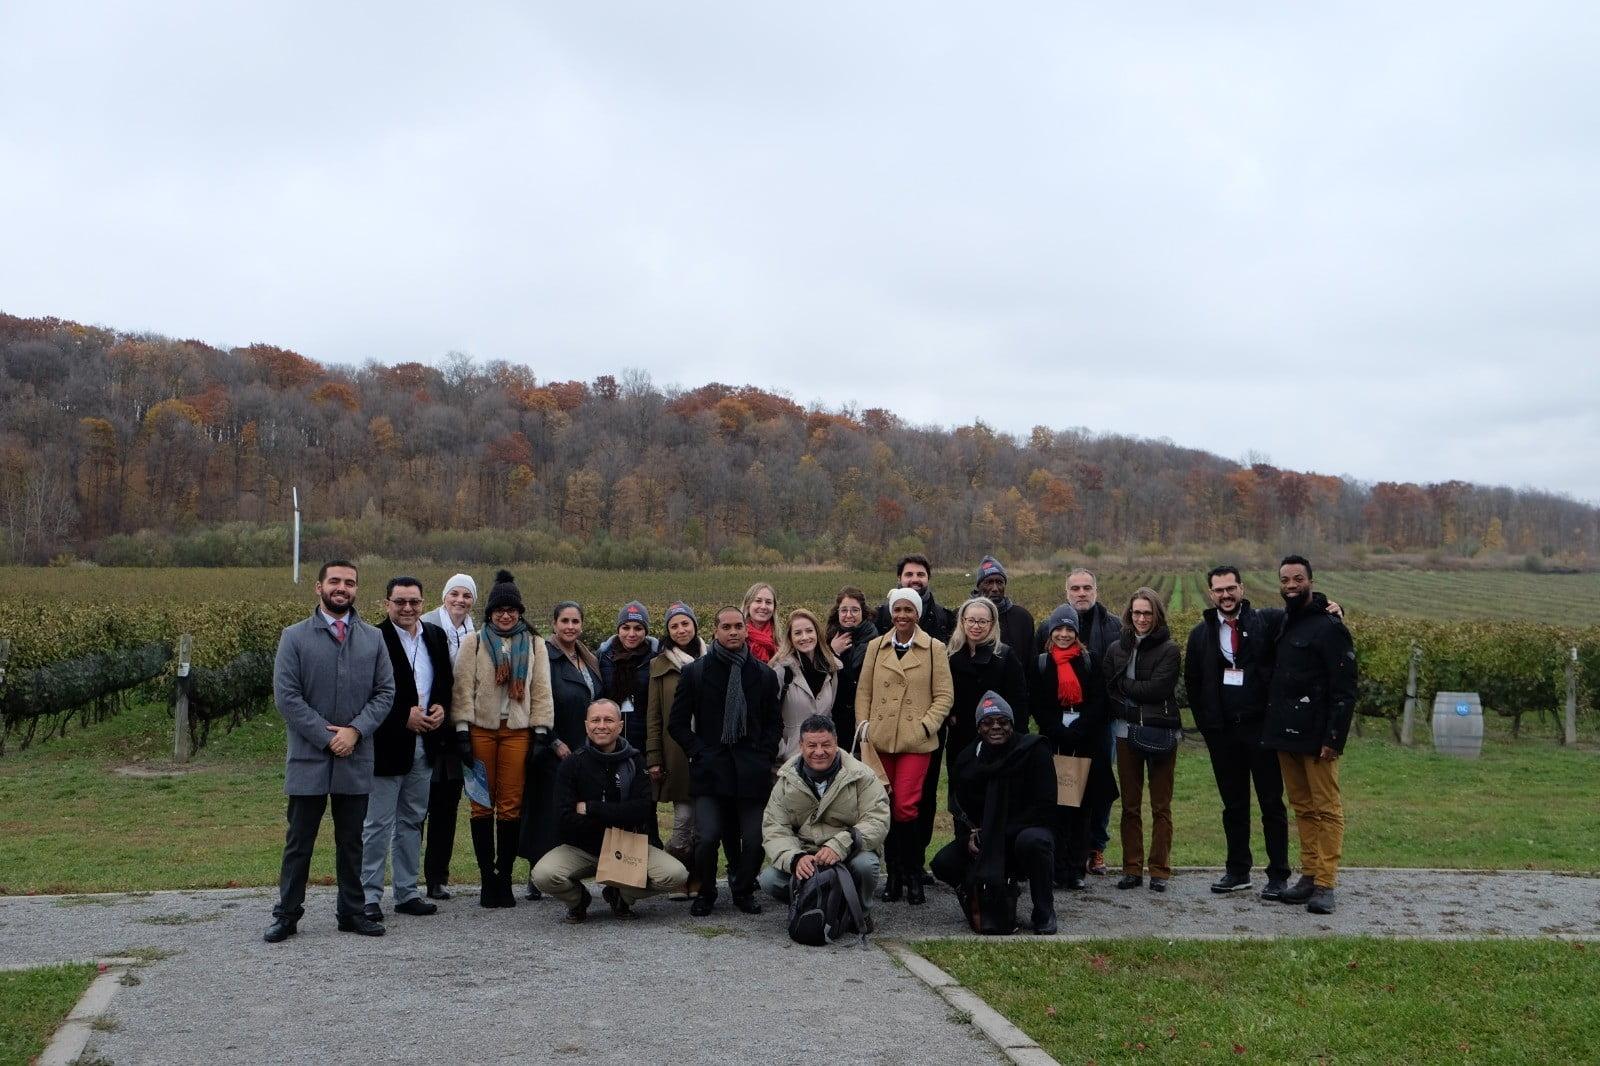 U.D.C.A participa en misión de colaboración con Canadá